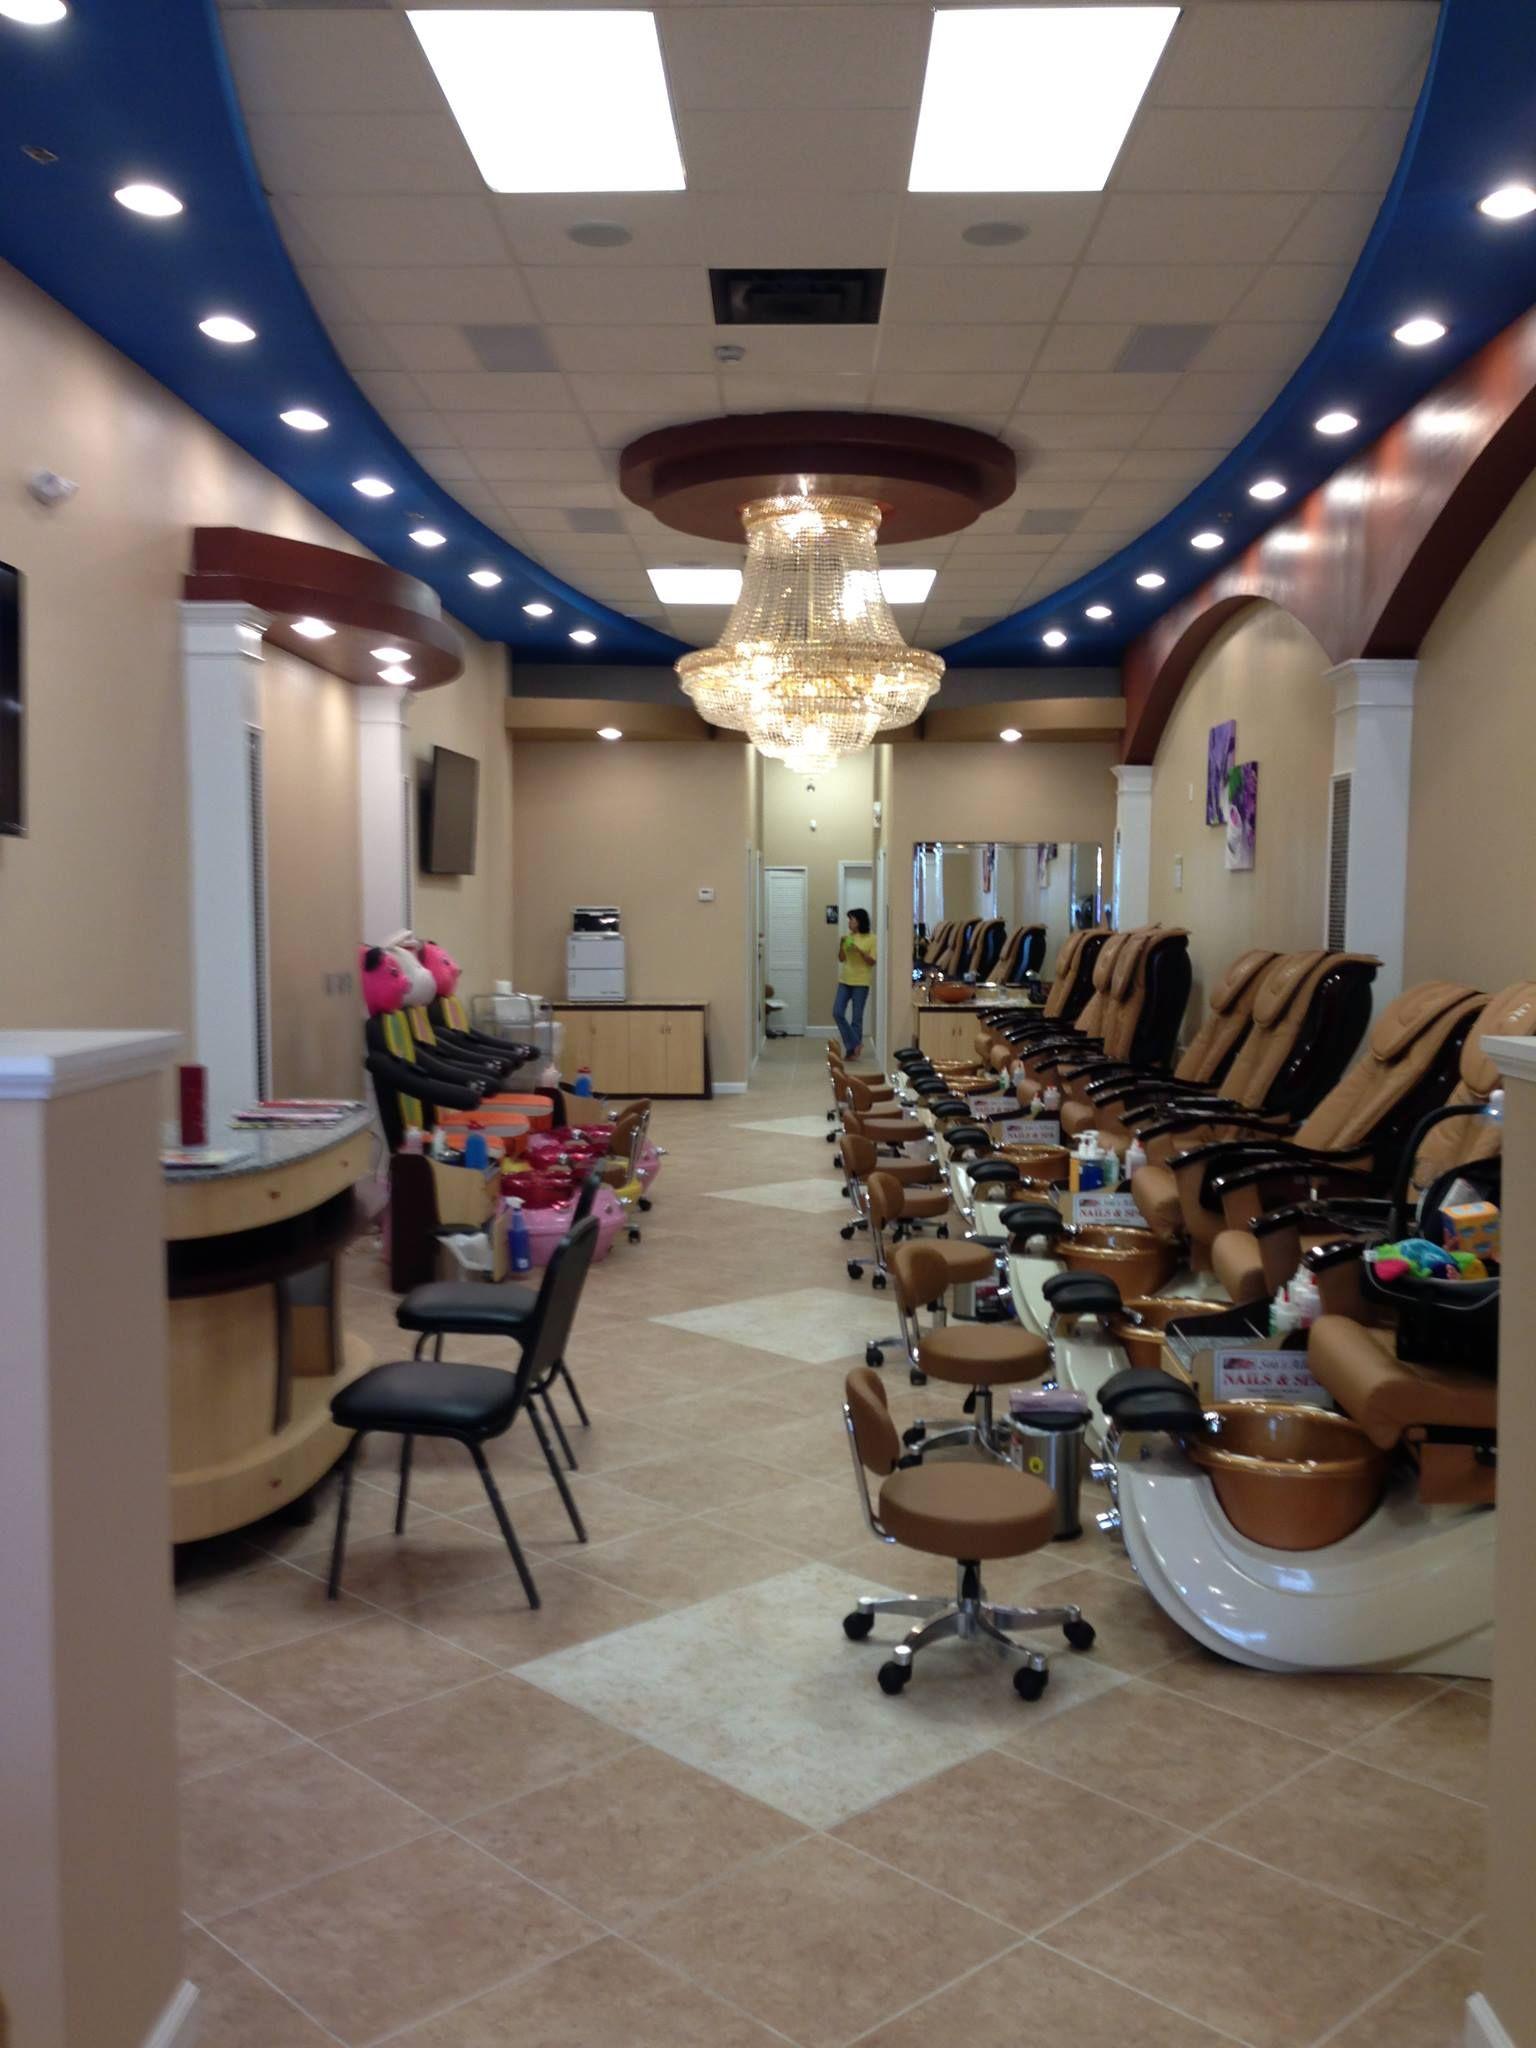 The Beautiful Interior Of Our Nail Salon In Destin FL